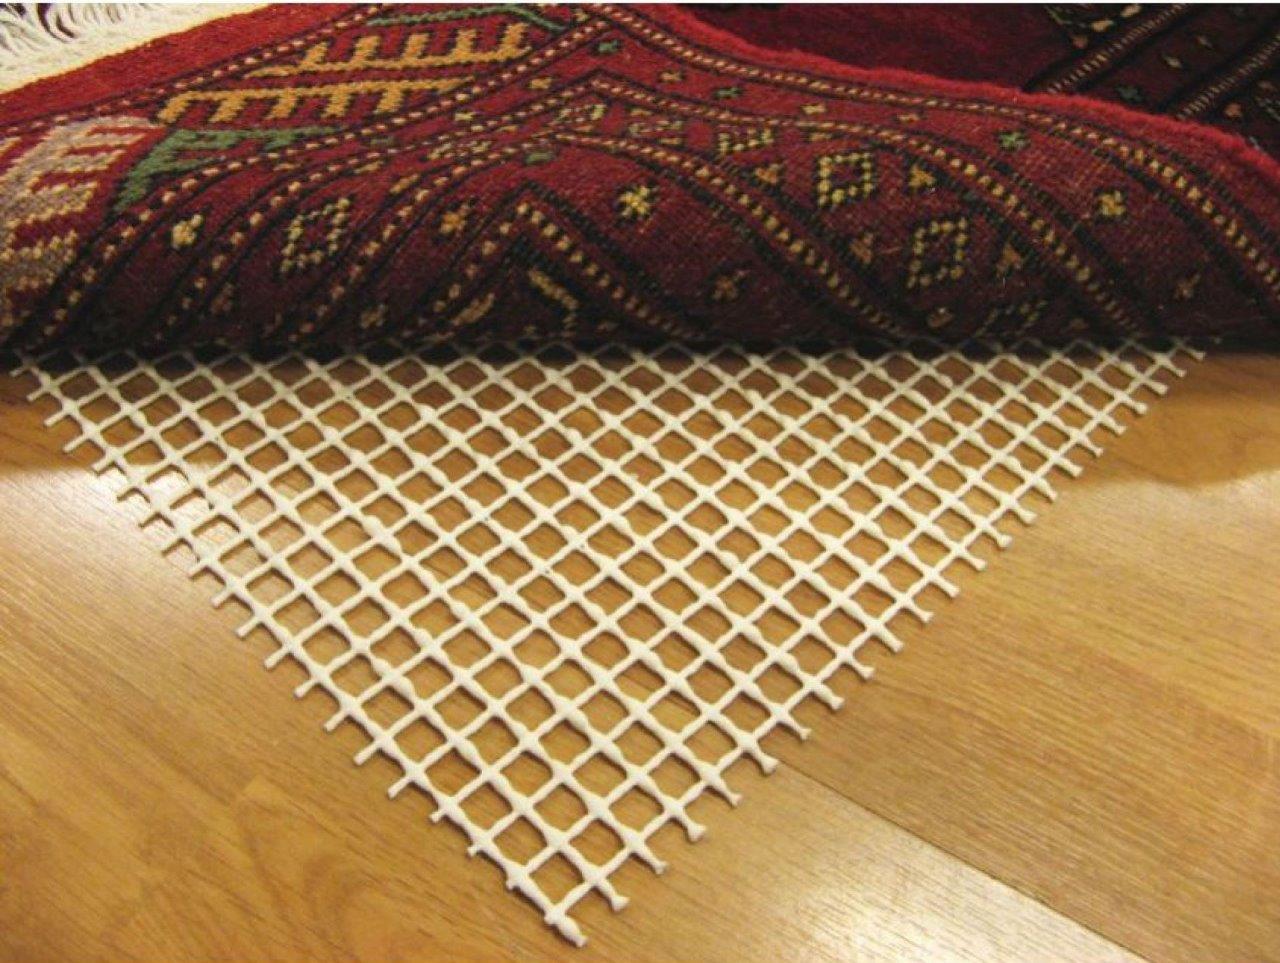 Dywany i ich antypoślizgowe rozwiązania